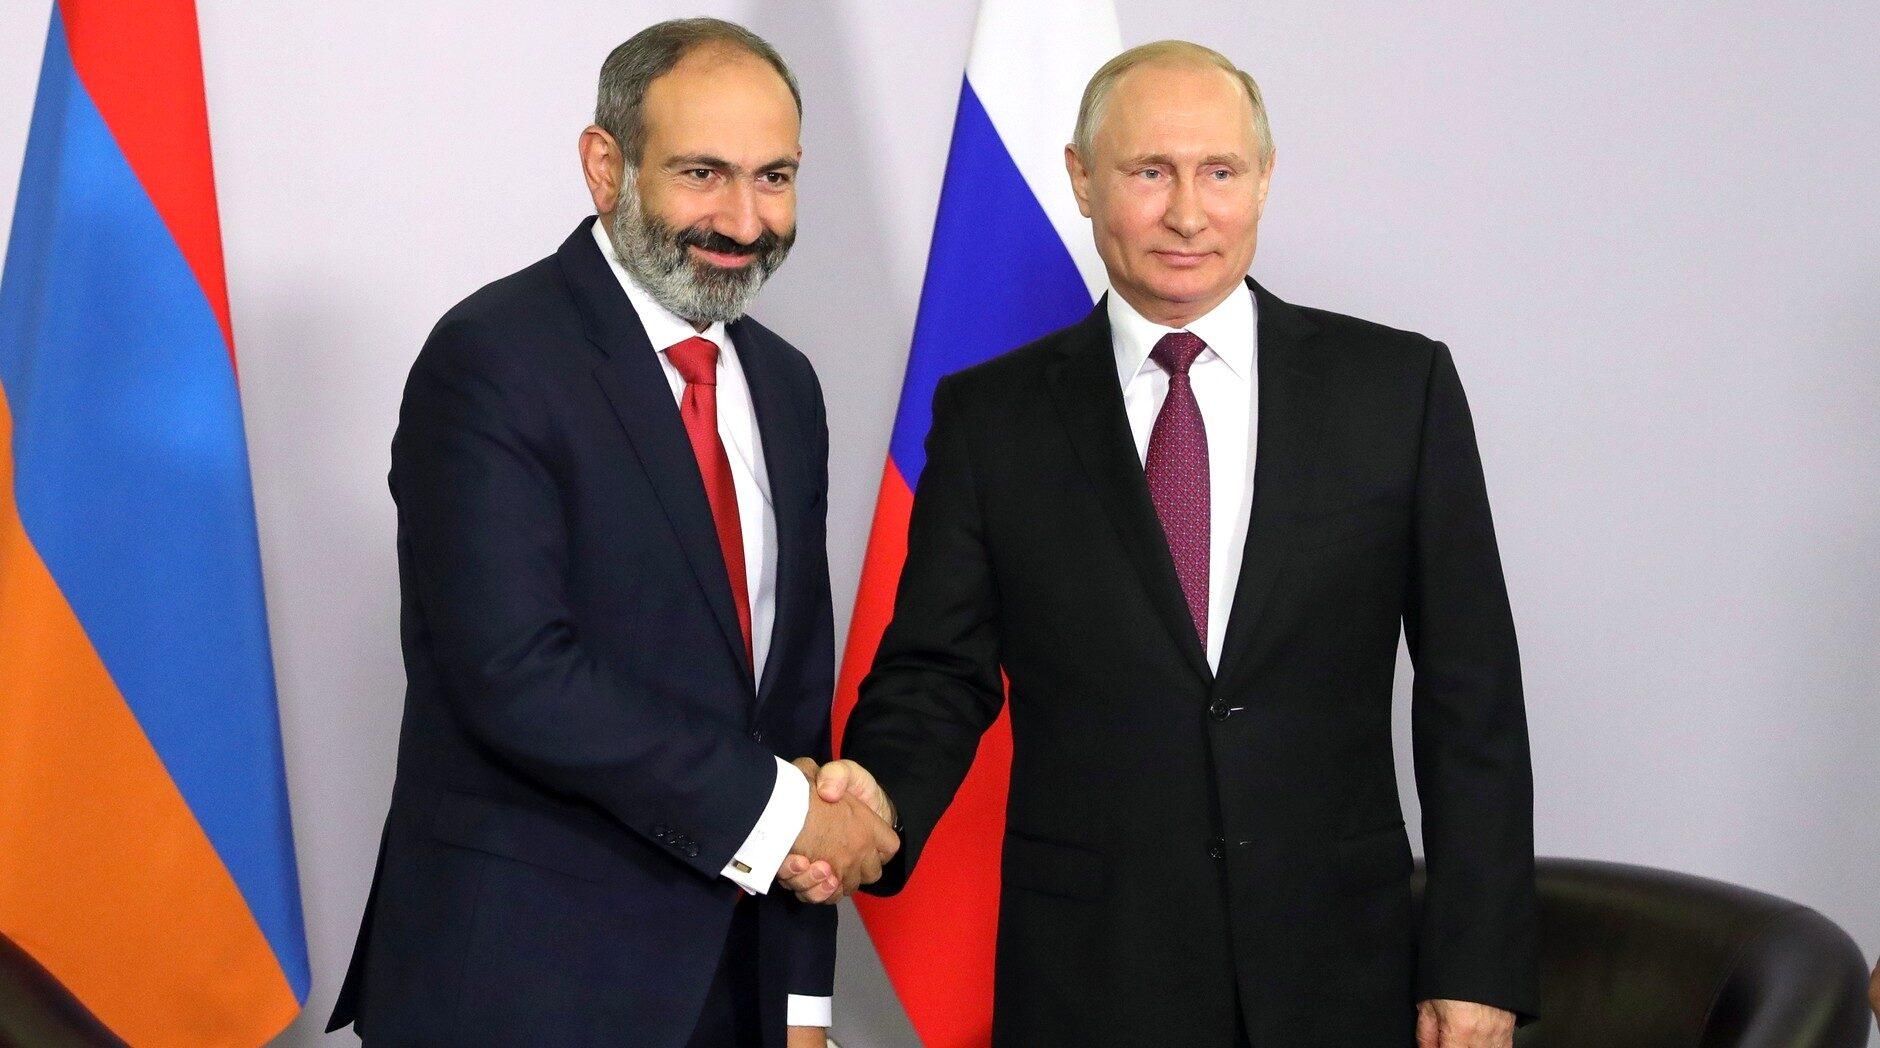 Δήλωση Πασινιάν για τη συμφωνία του Αρτσάχ: Έσωσα 25.000 Αρμένιους